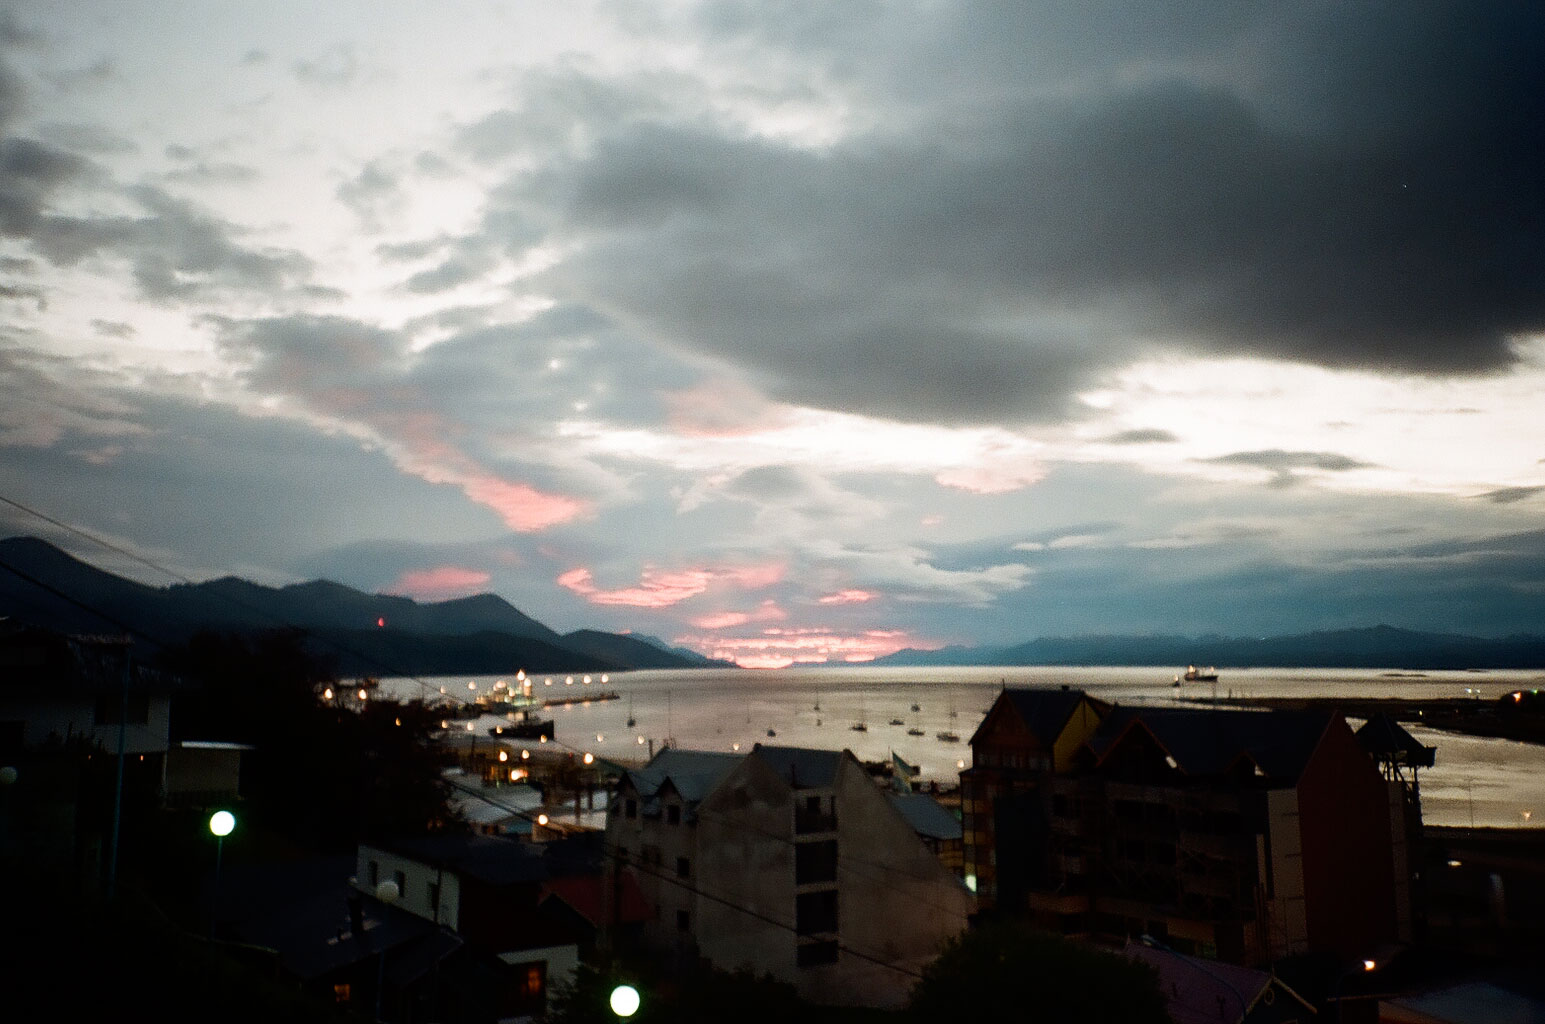 Sonnenaufgang am südlichen Ende der Welt. Foto: Lothar Ruttner